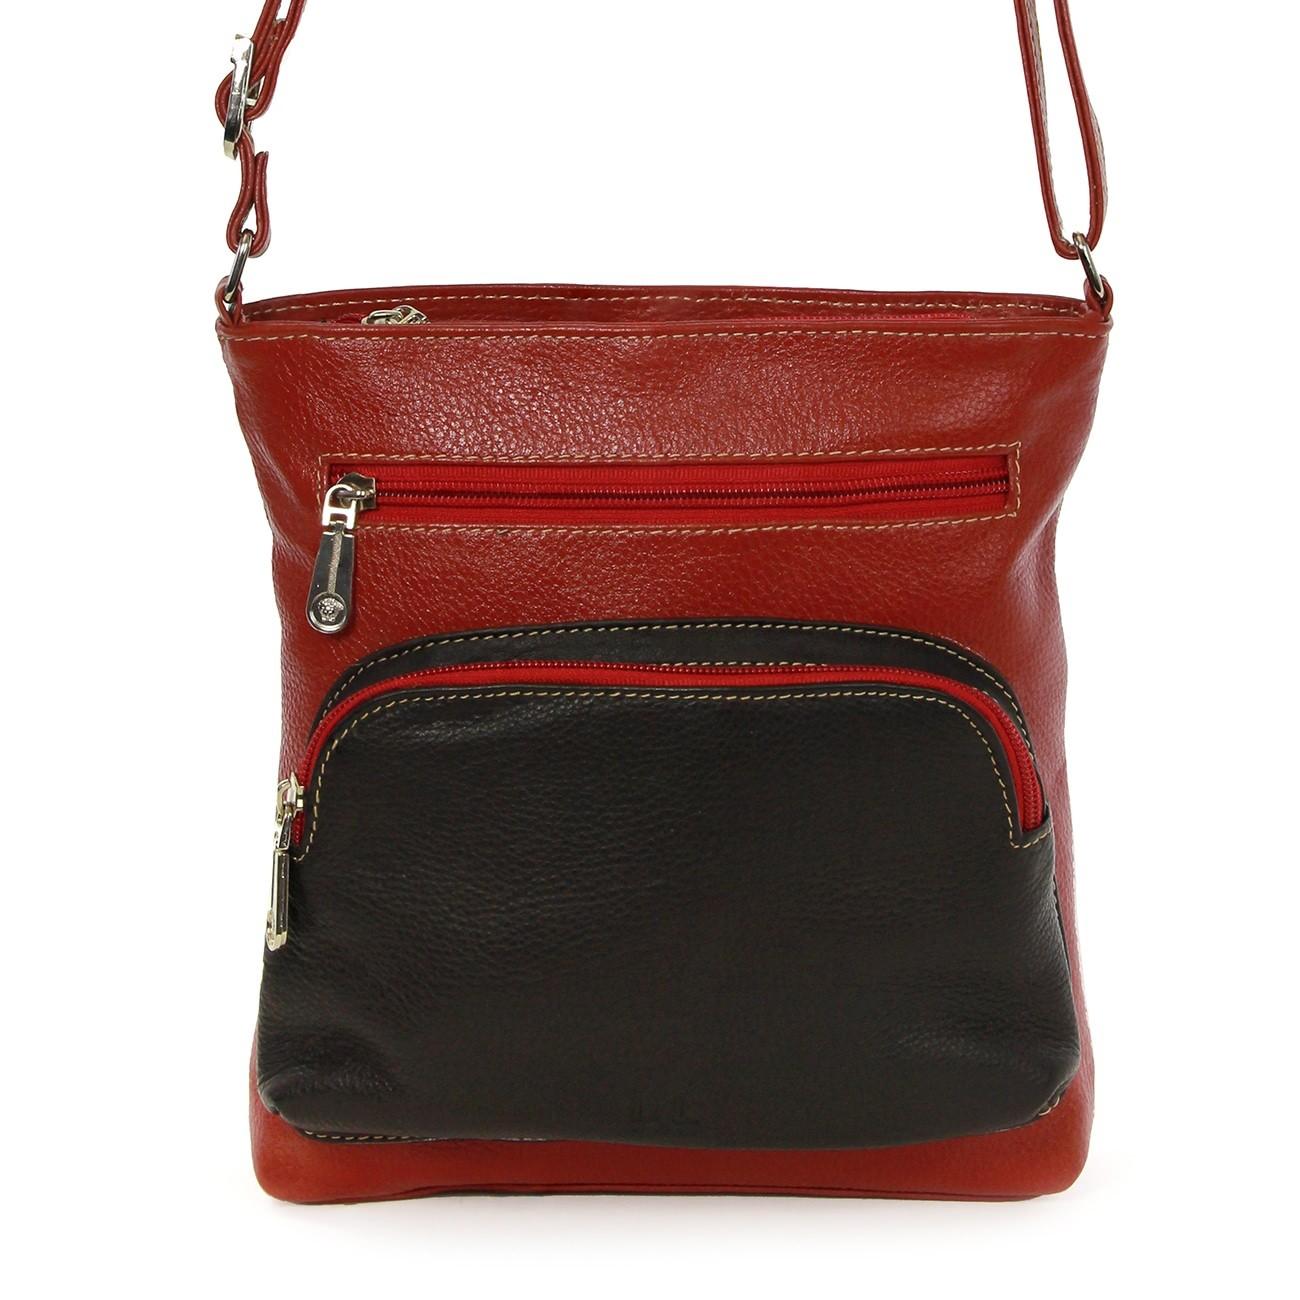 Schultertasche Handtasche Leder rot Damen Umhängetasche DrachenLeder OTZ100R